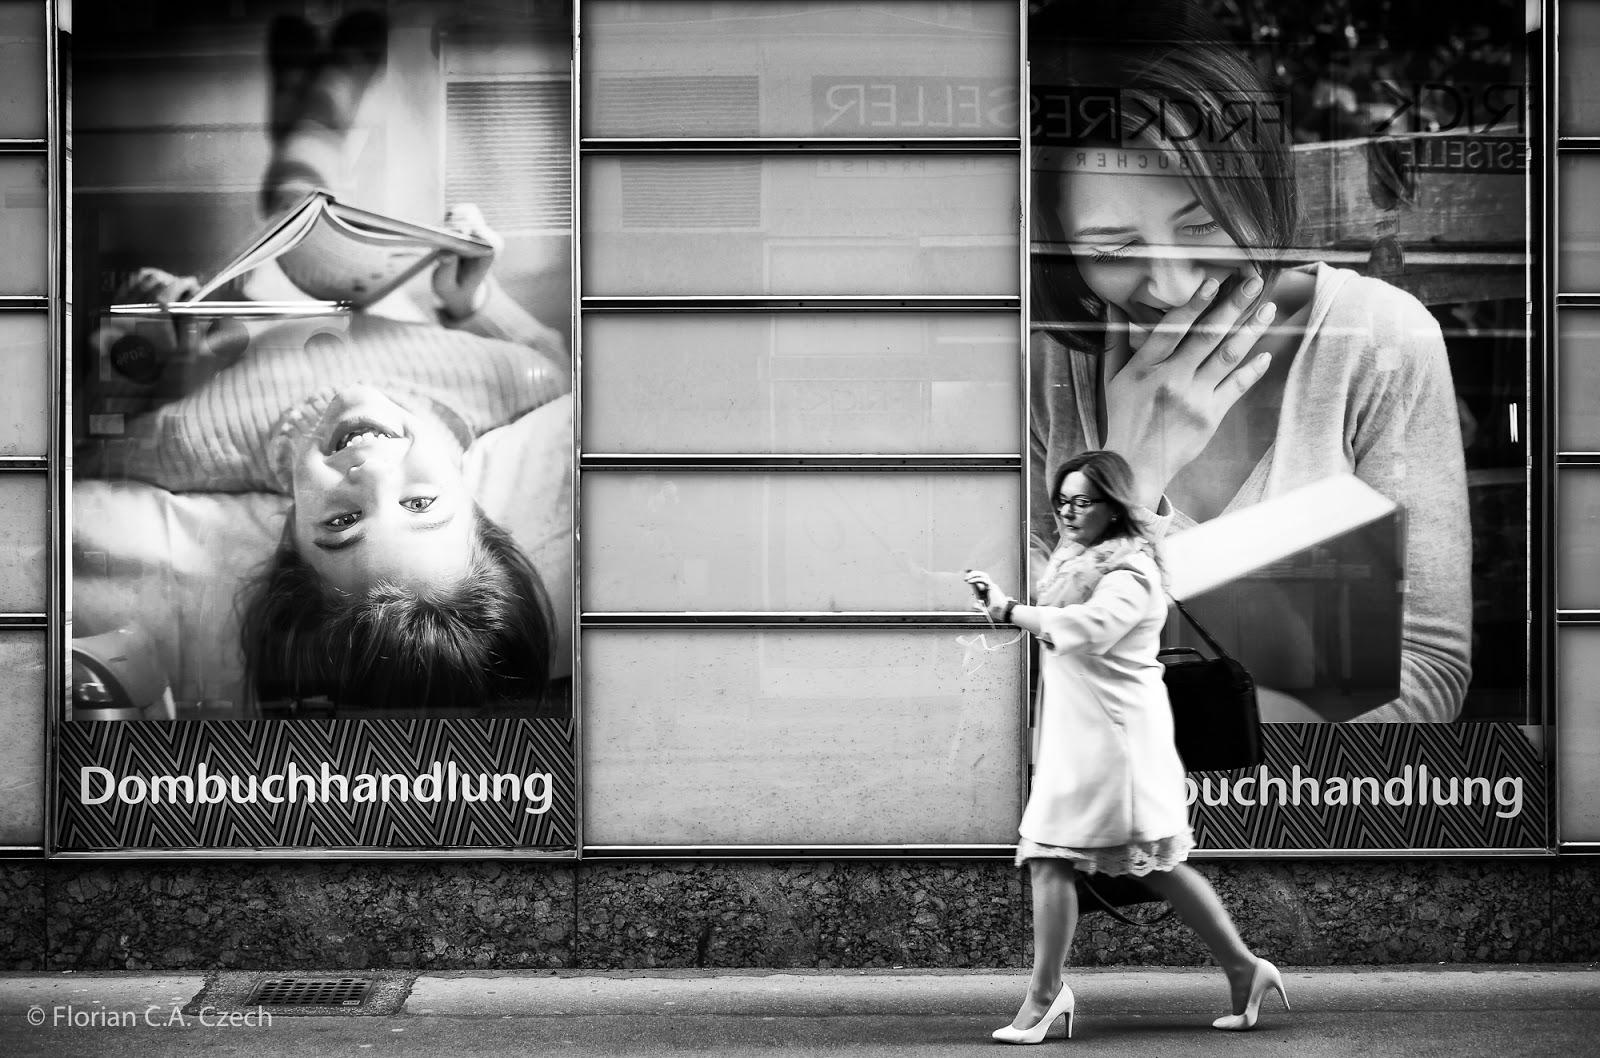 Eine Frau blickend auf ihre Armbanduhr auf dem Bürgersteig